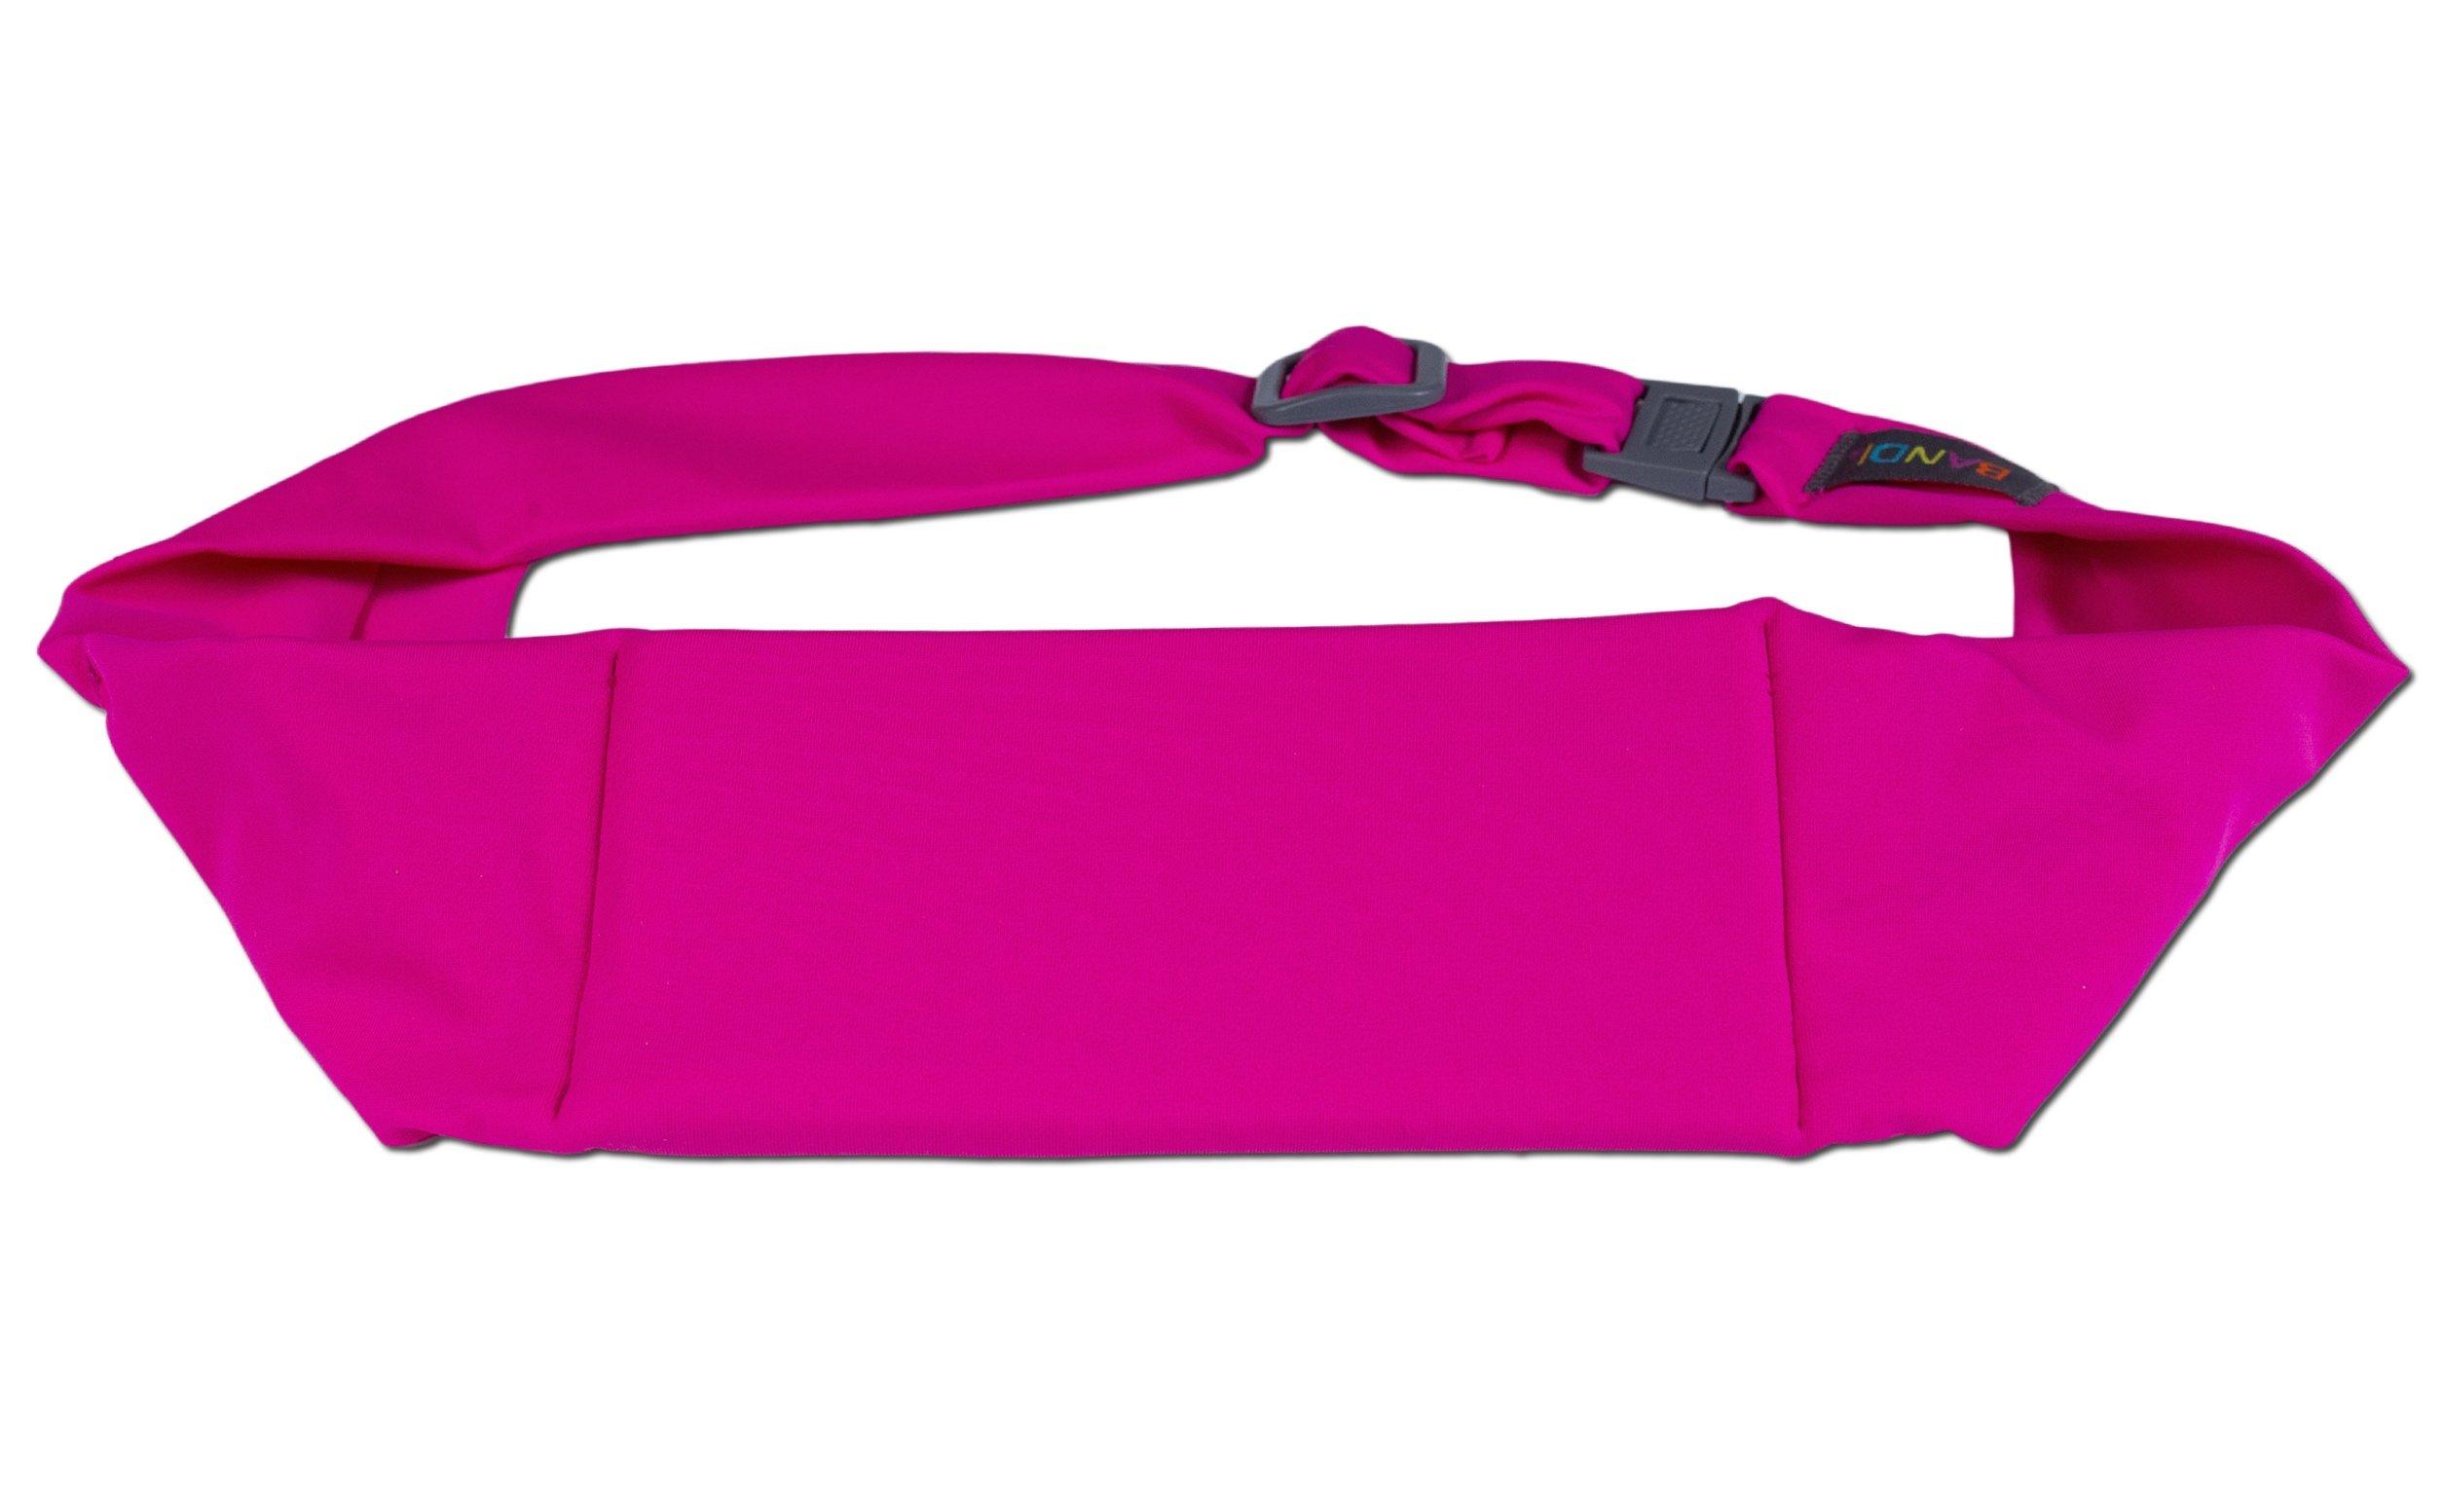 BANDI Unisex Secure Running Belt with Adjustable Straps and Large Pocket (Fuchsia)